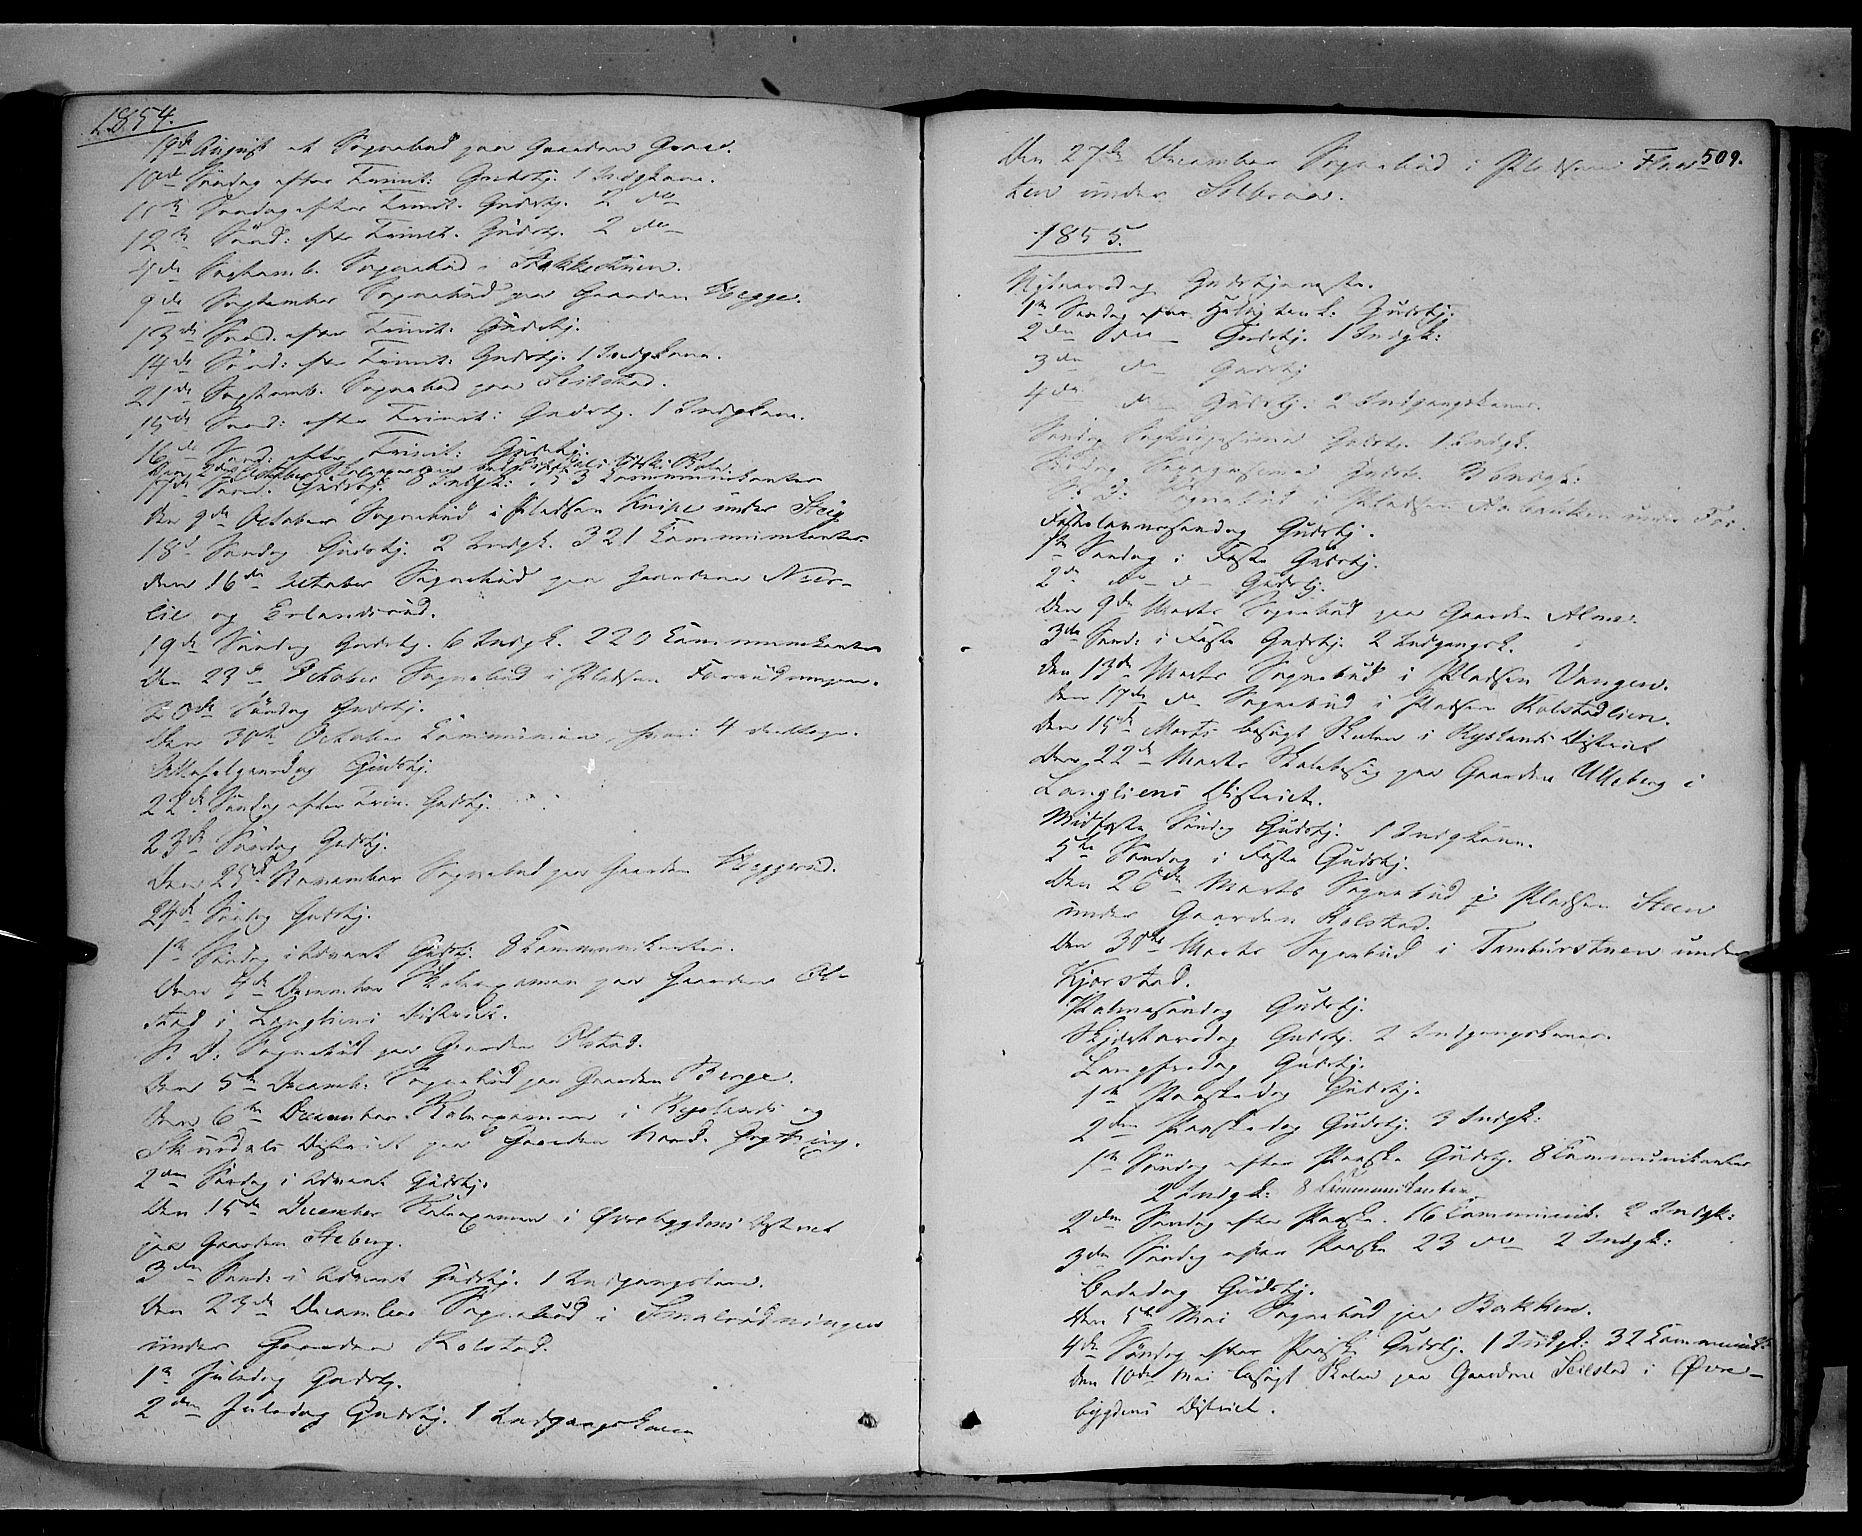 SAH, Sør-Fron prestekontor, H/Ha/Haa/L0001: Ministerialbok nr. 1, 1849-1863, s. 509